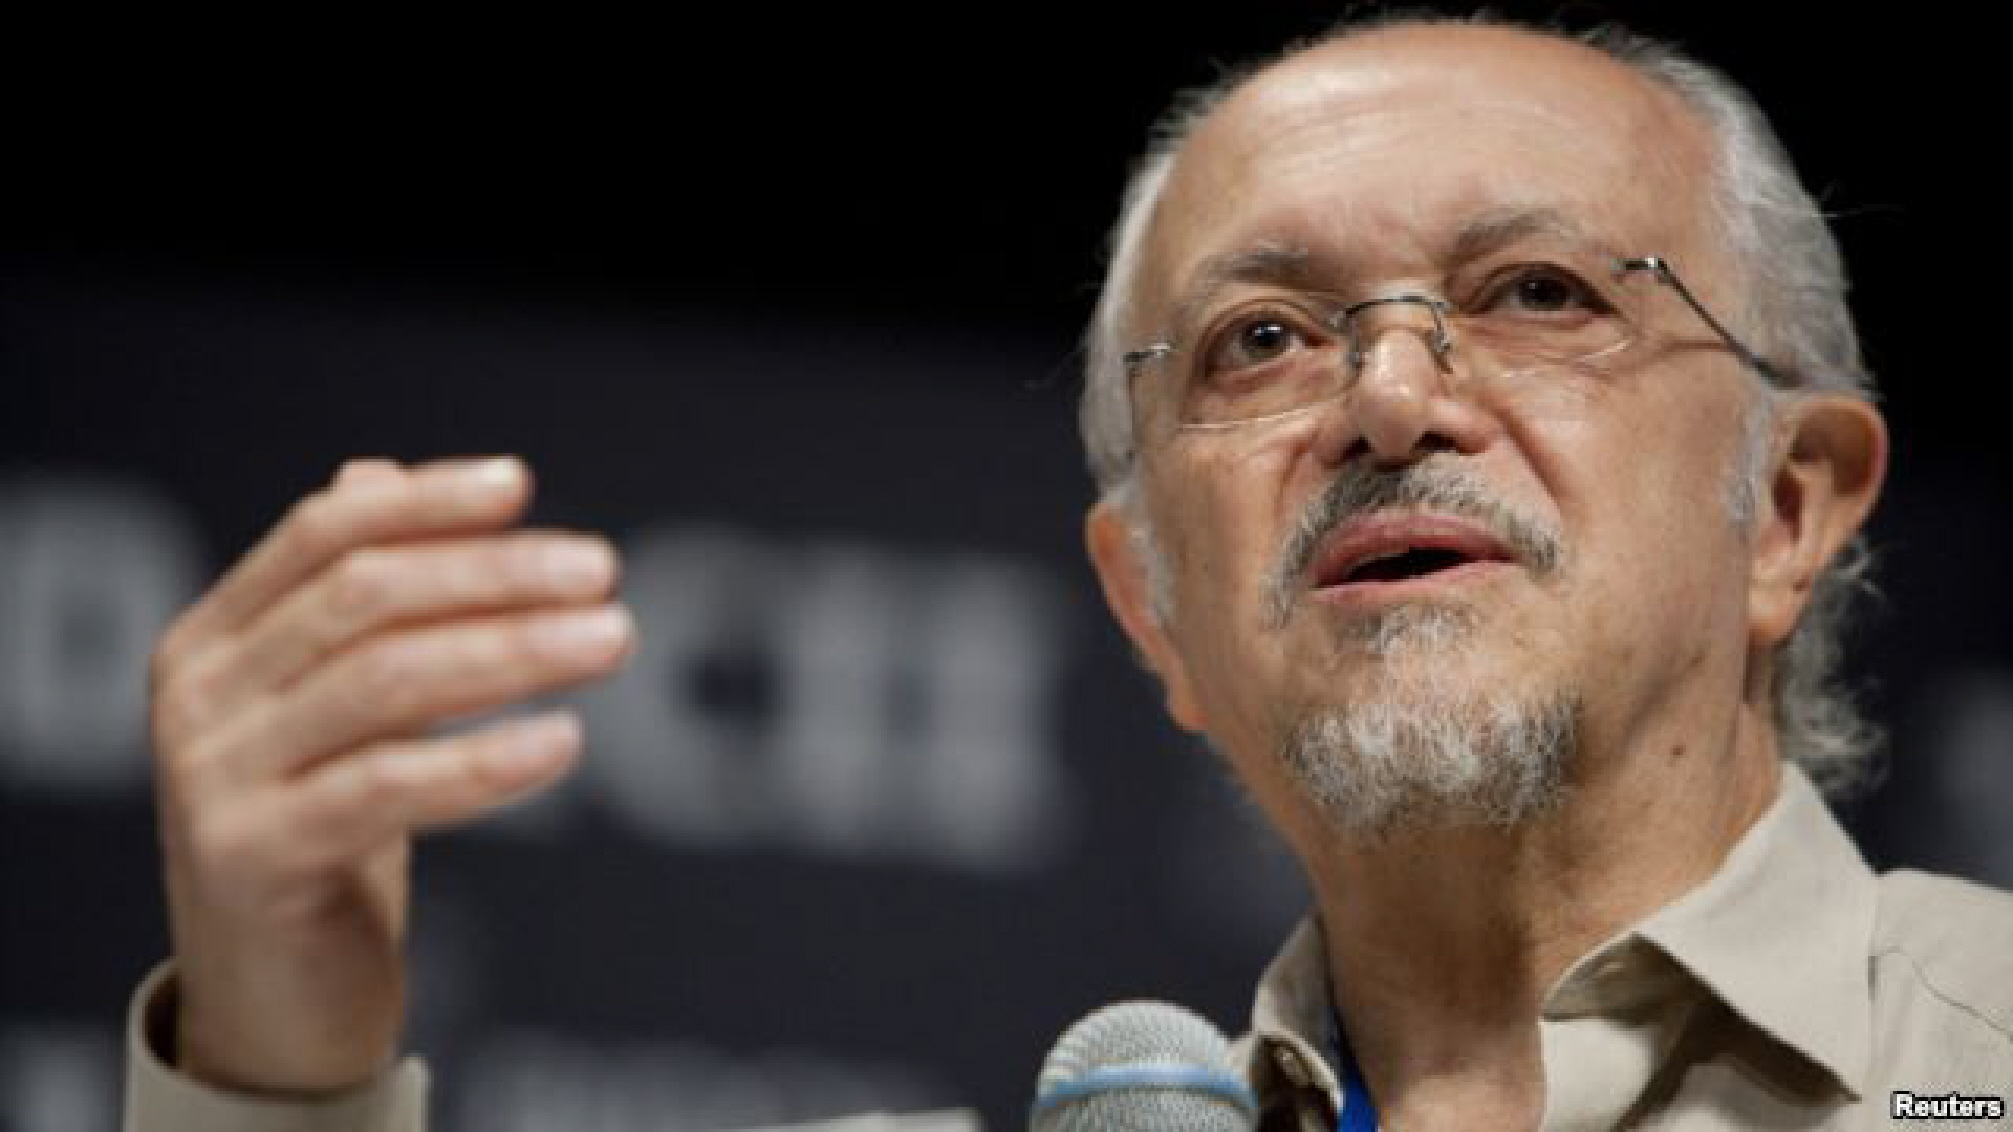 Fallece Mario Molina, ganador del Premio Nobel de Química 1995